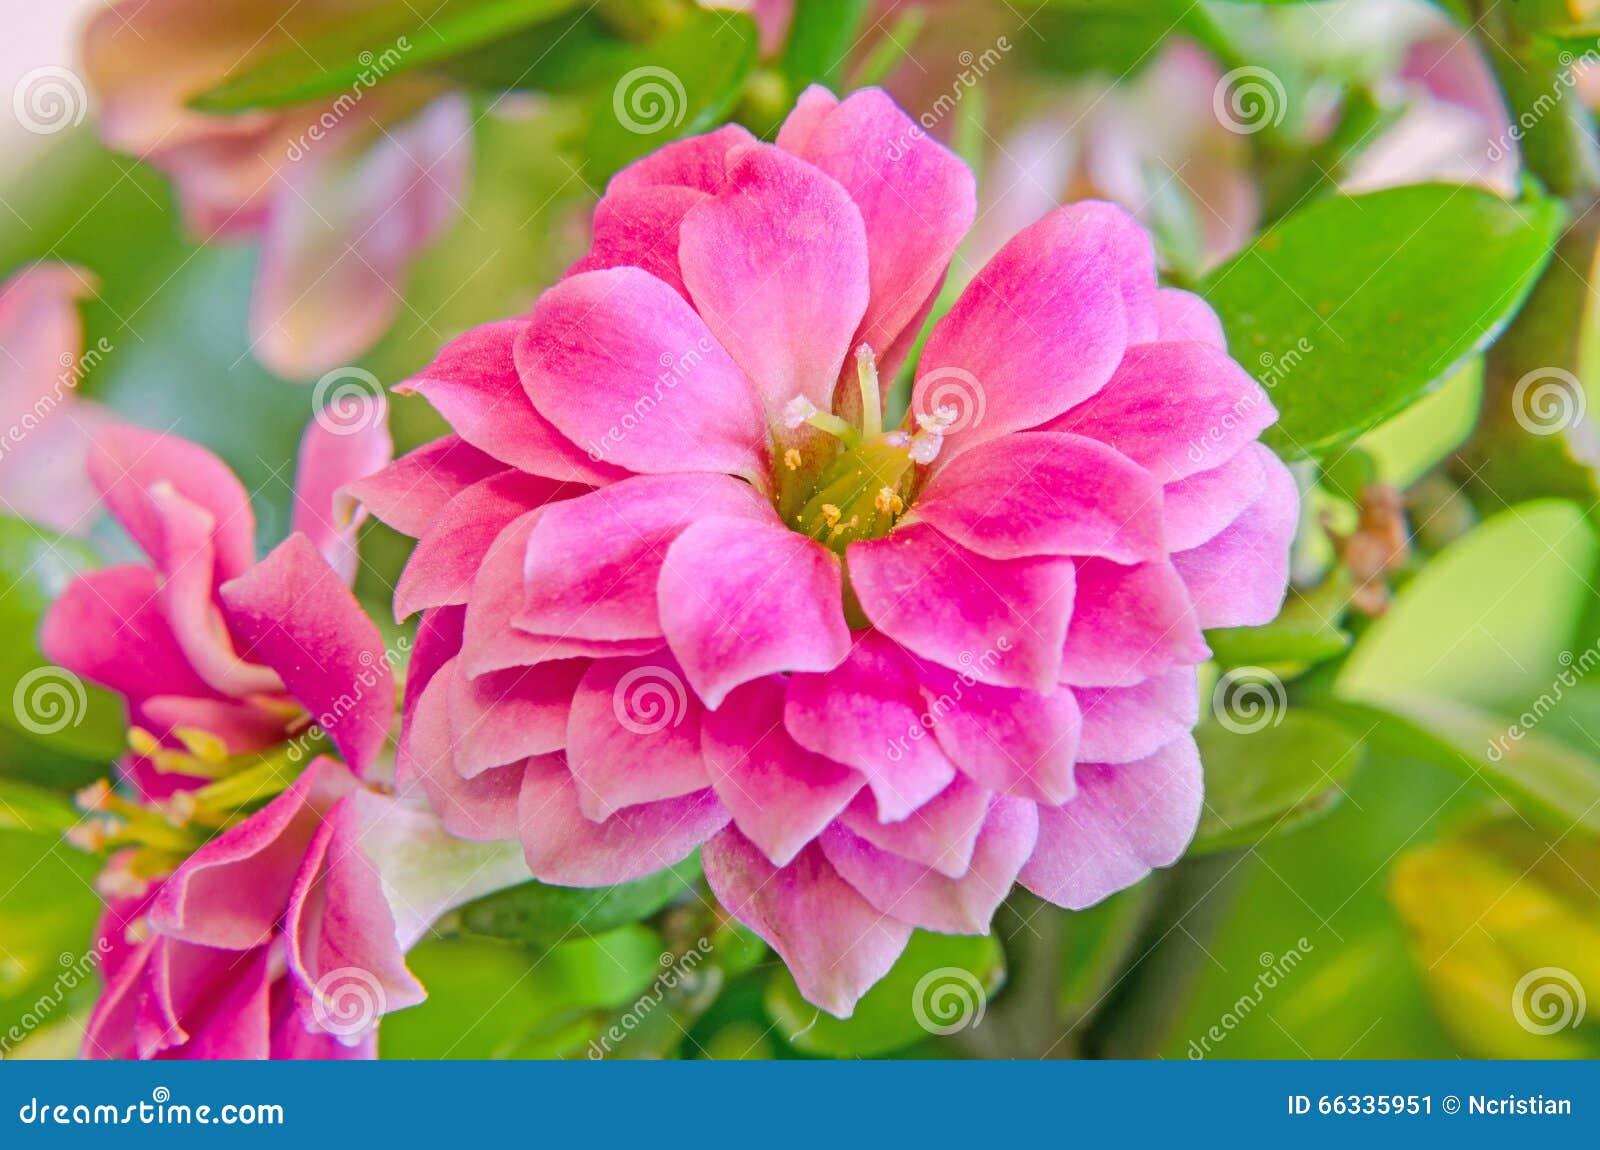 Calandiva rosado florece, Kalanchoe, Crassulaceae de la familia, cierre para arriba, fondo de la pendiente del bokeh